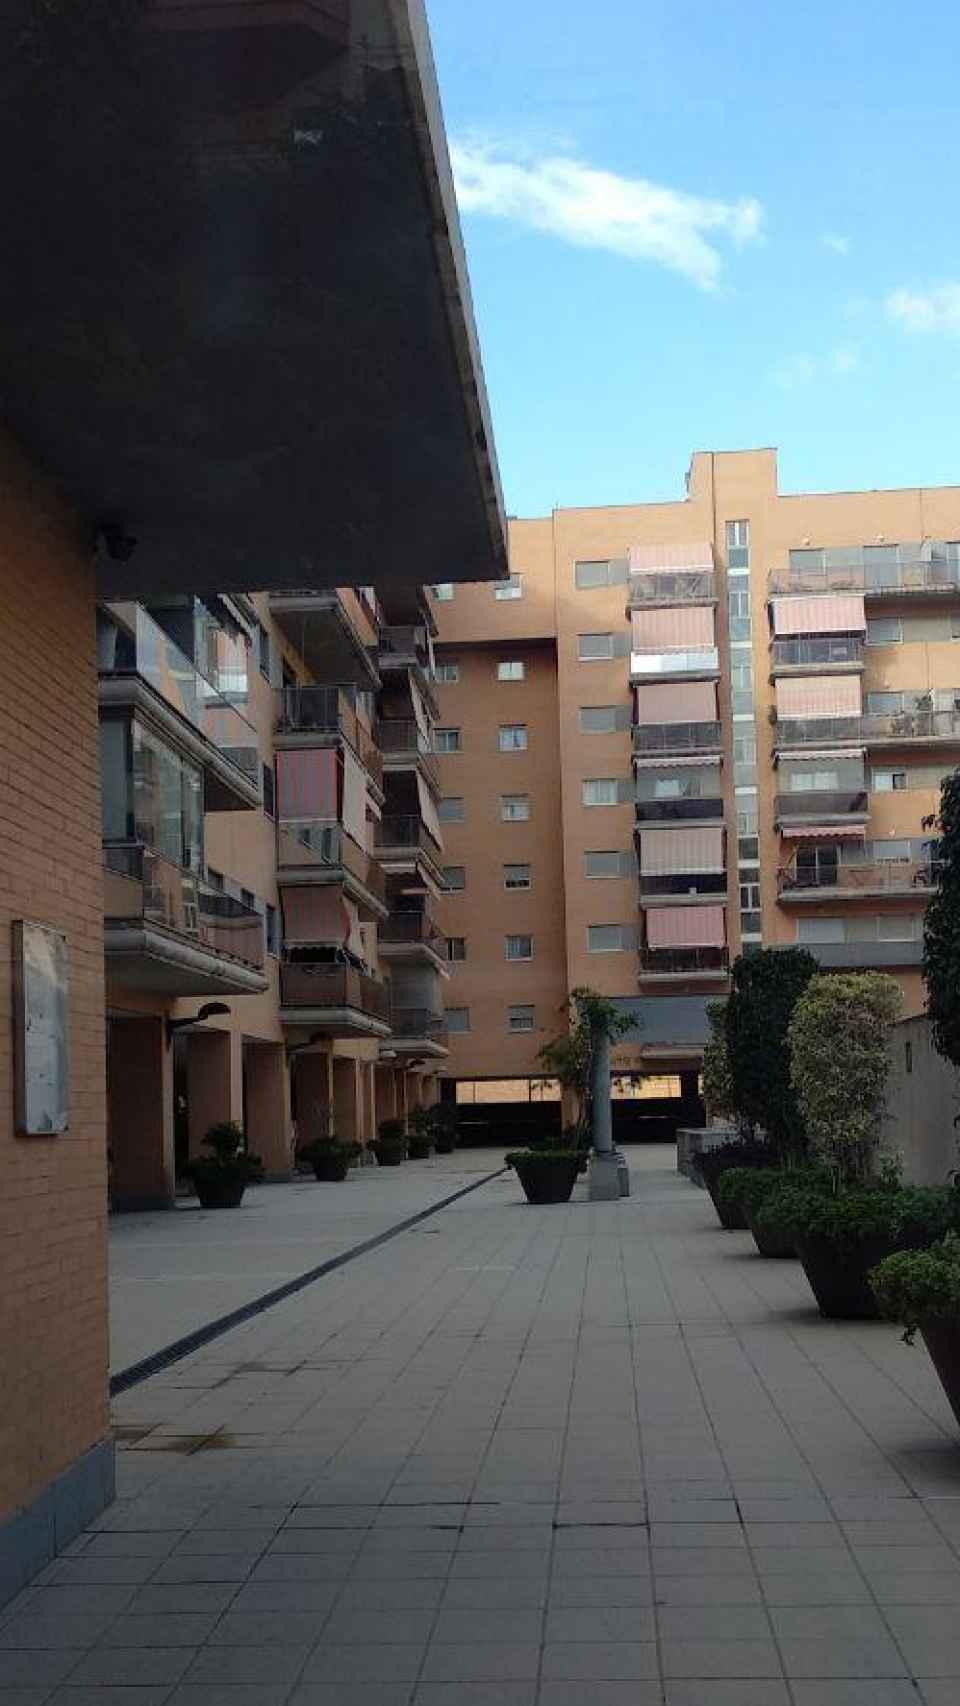 La zona interior de la urbanización da a un patio y al área de la piscina.